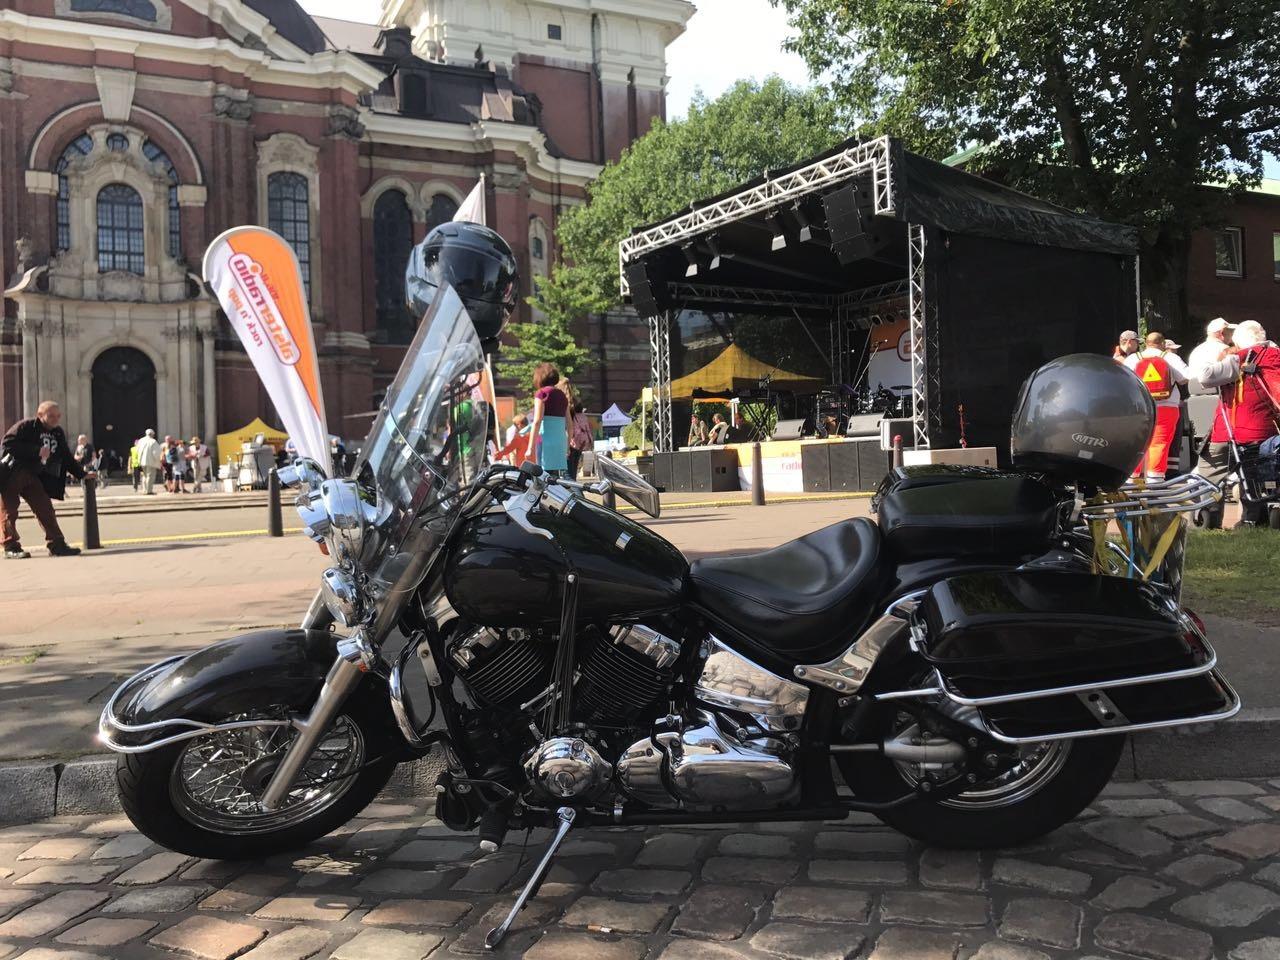 MoGo 2017 Vorplatz des Hamburger Michel mit Eventbühne und Harley